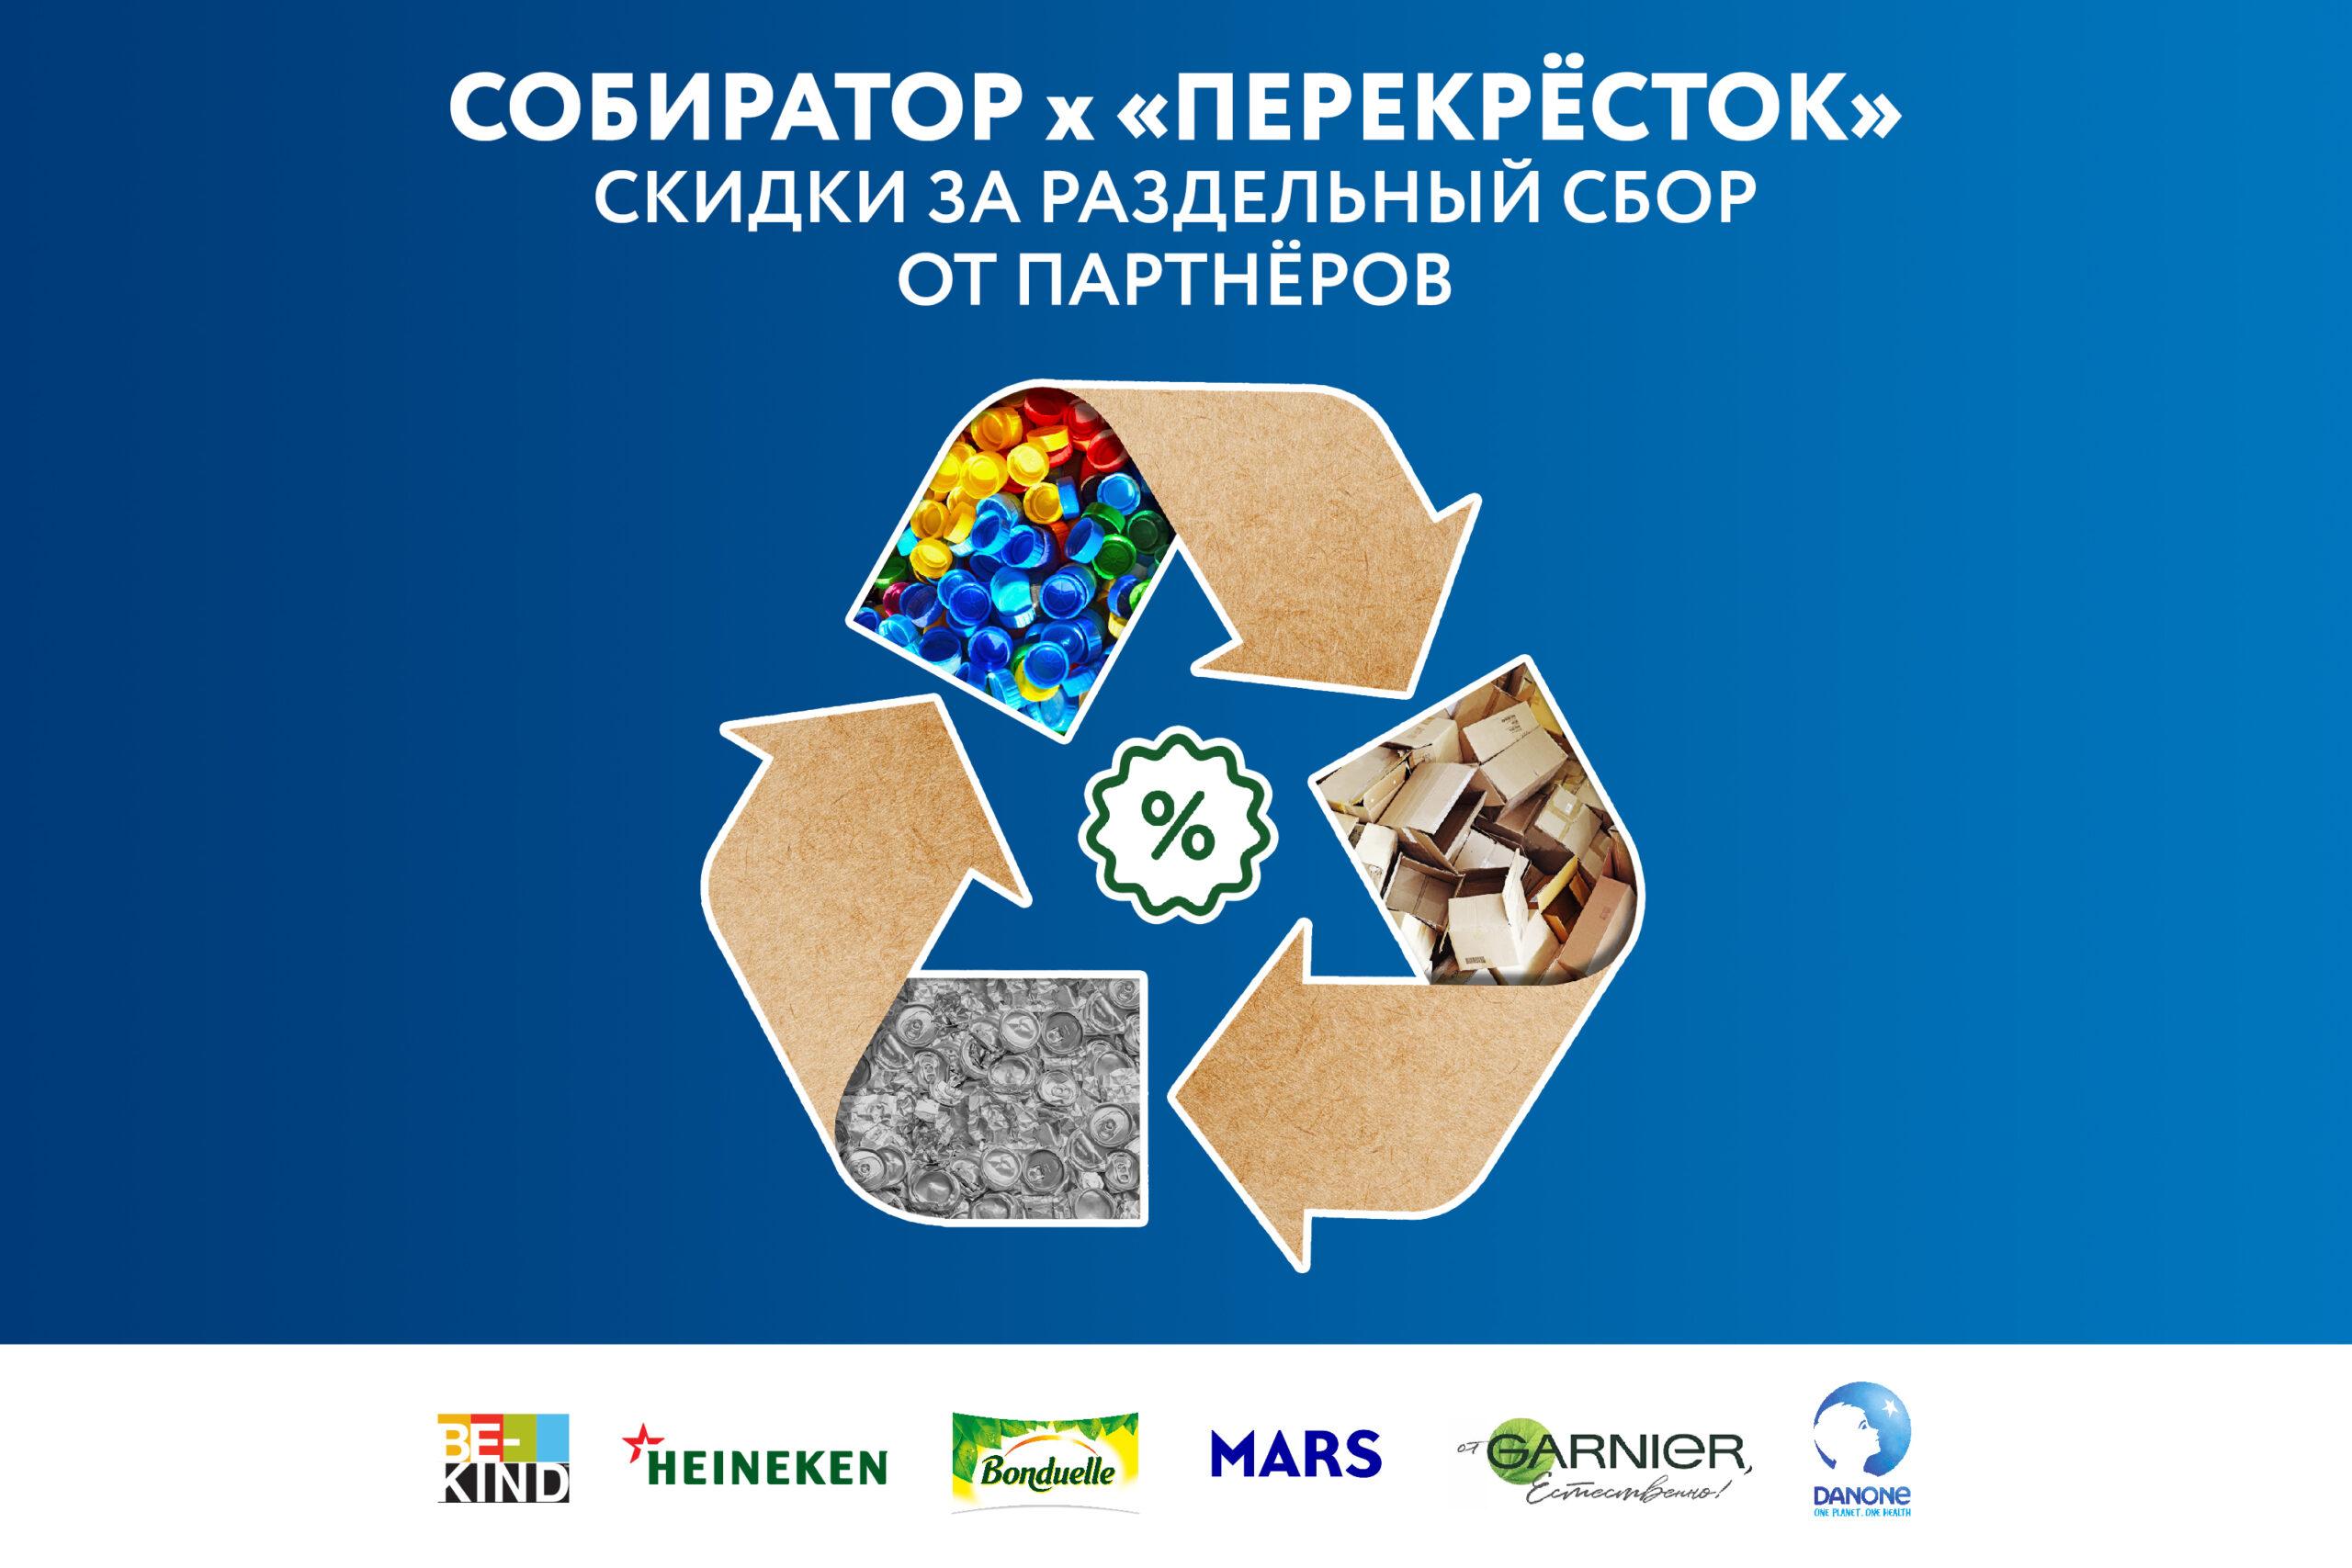 Собиратор и «Перекрёсток» запустили акцию «НА ПЕРЕработку»